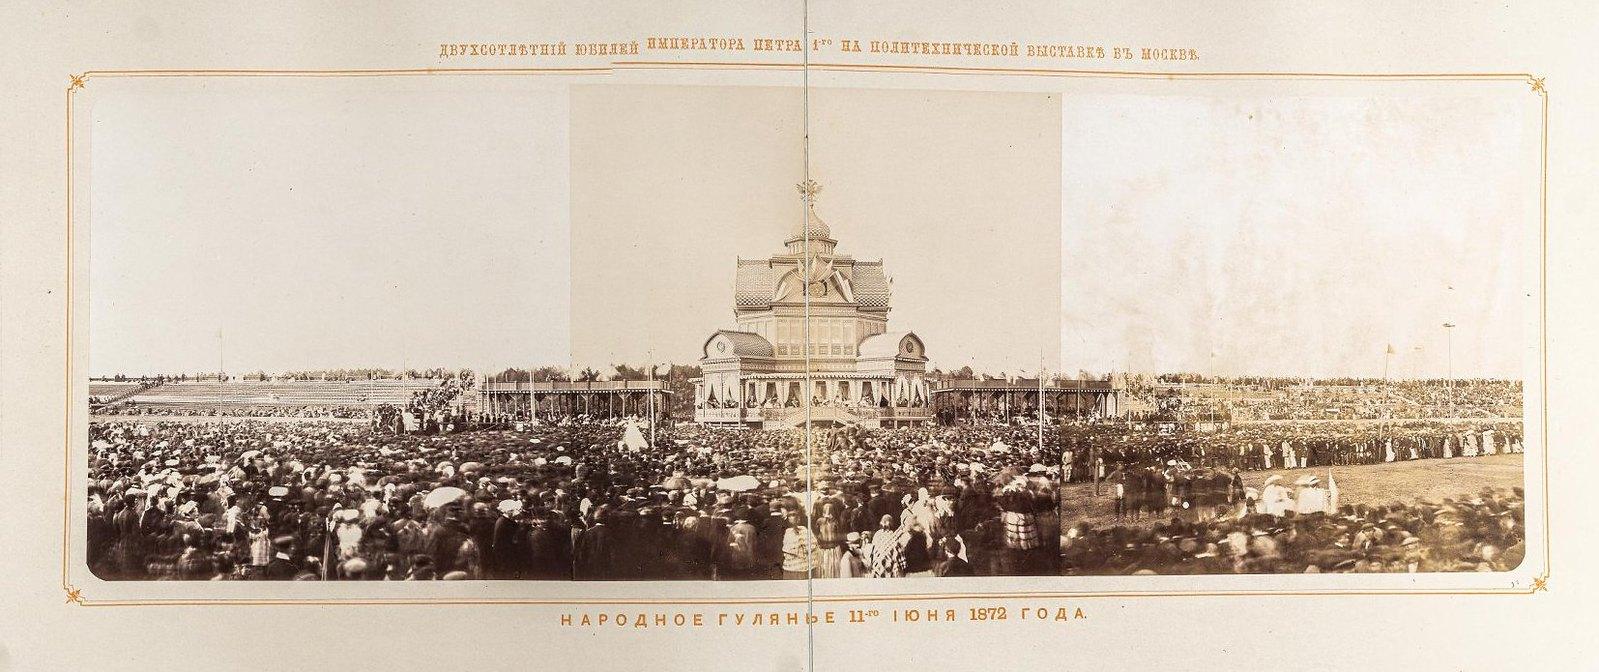 19. Народное гулянье 11 июня 1872 года. Общий вид поля с Царским павильоном в центре